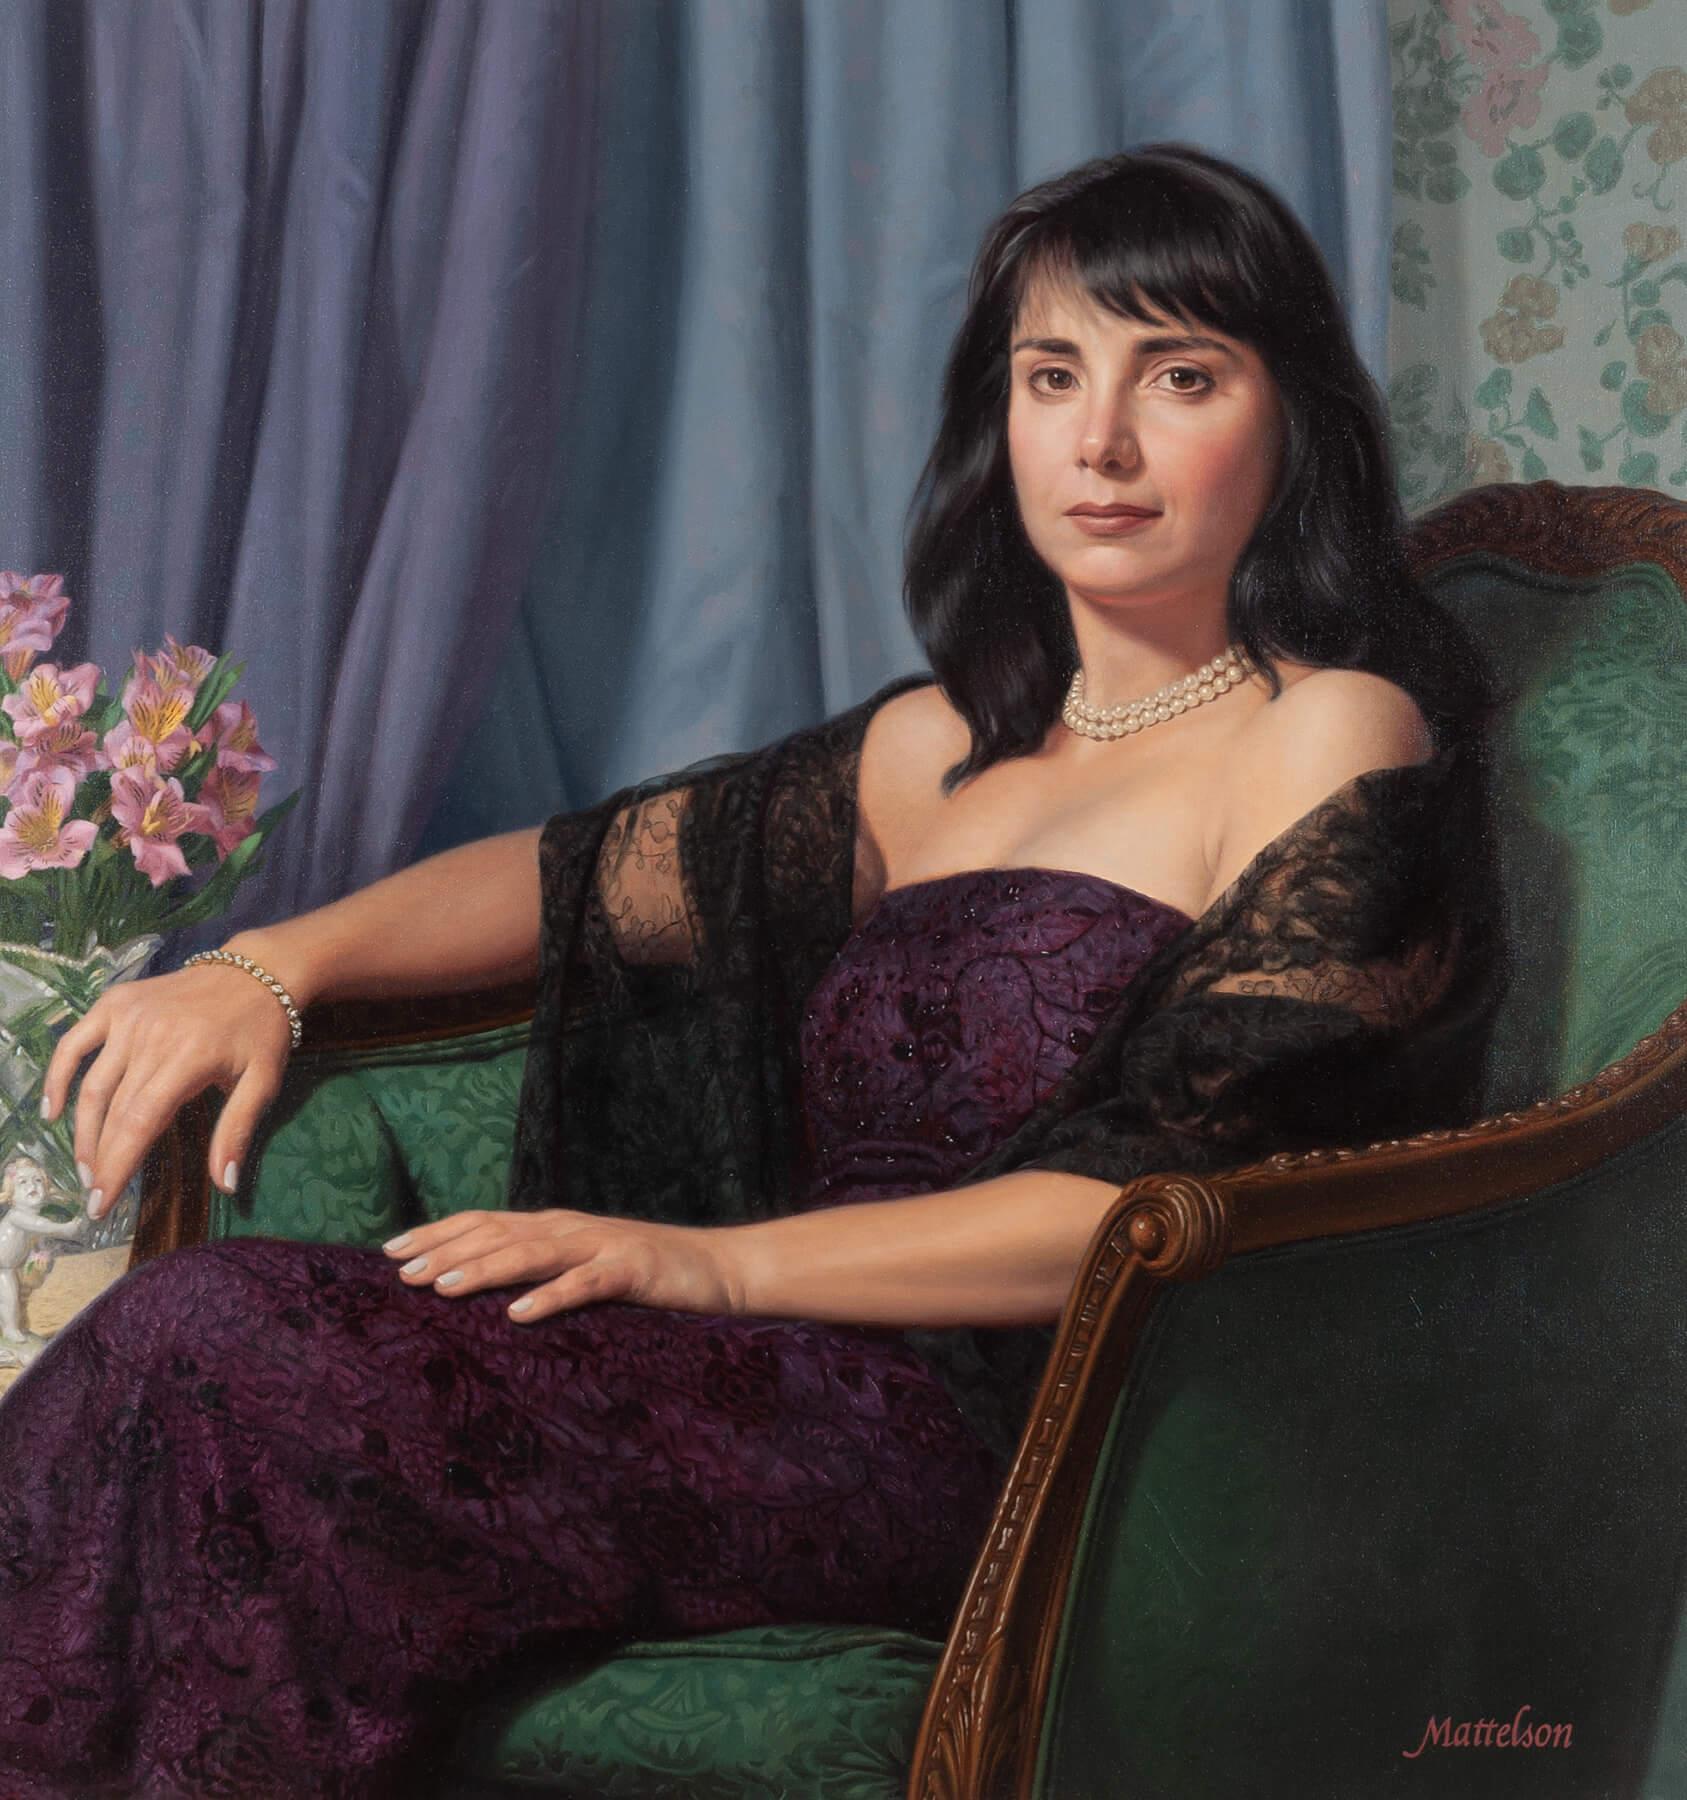 Woman's Custom Portrait by Marvin Mattelson